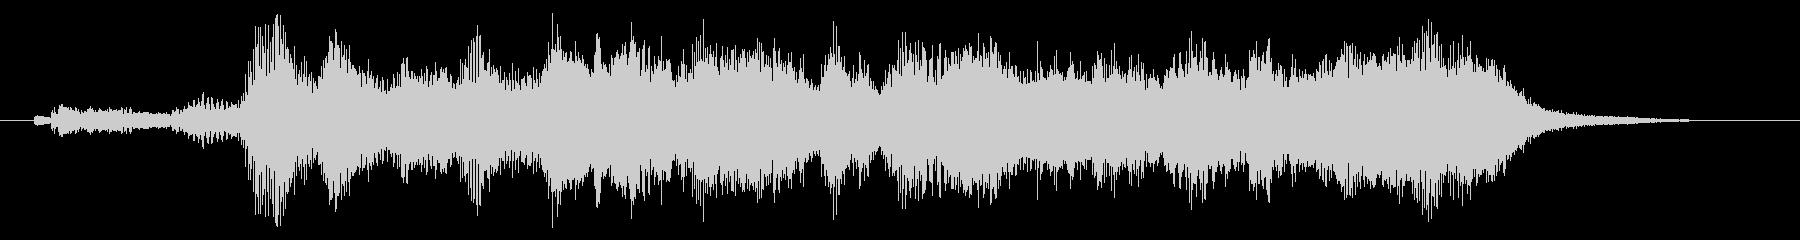 ほのぼのとしたオーケストラジングルの未再生の波形